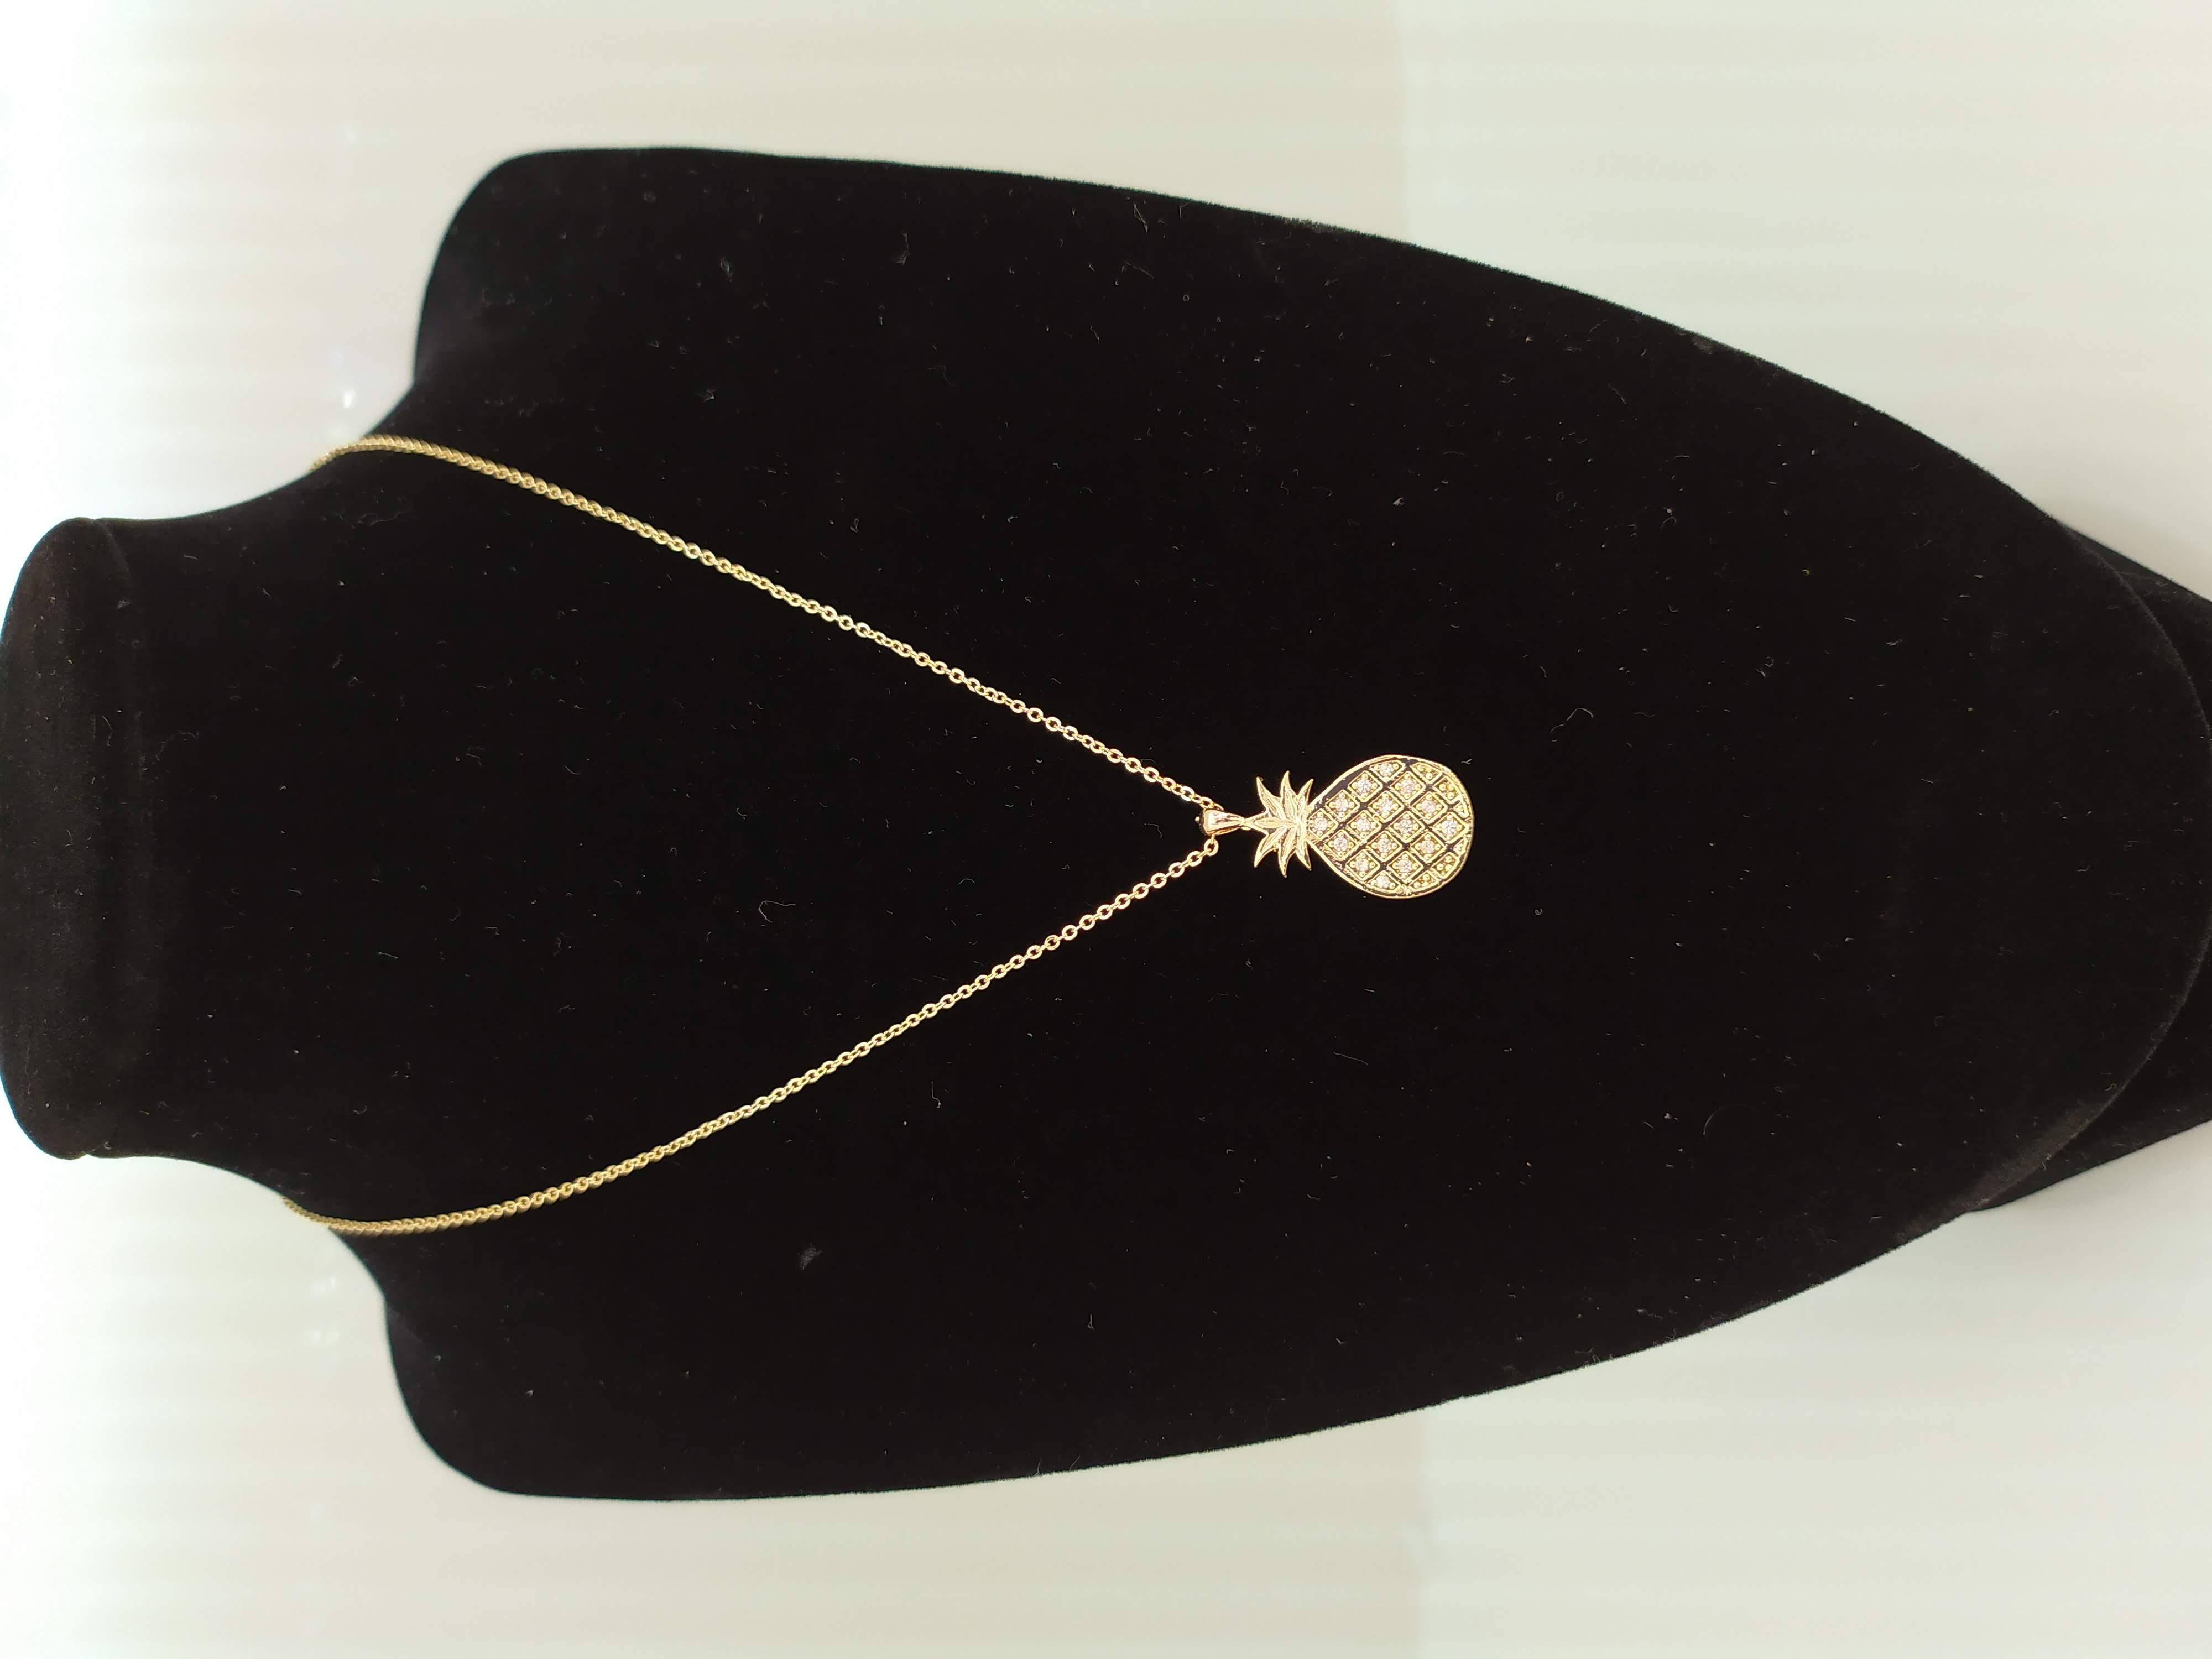 قلادة مطلية بالذهب مع الزركون الممتاز. لا يسبب الحساسية ، لا تغميق / Gold plated necklace with premium zircon. does not cause allergies, does not darken_17